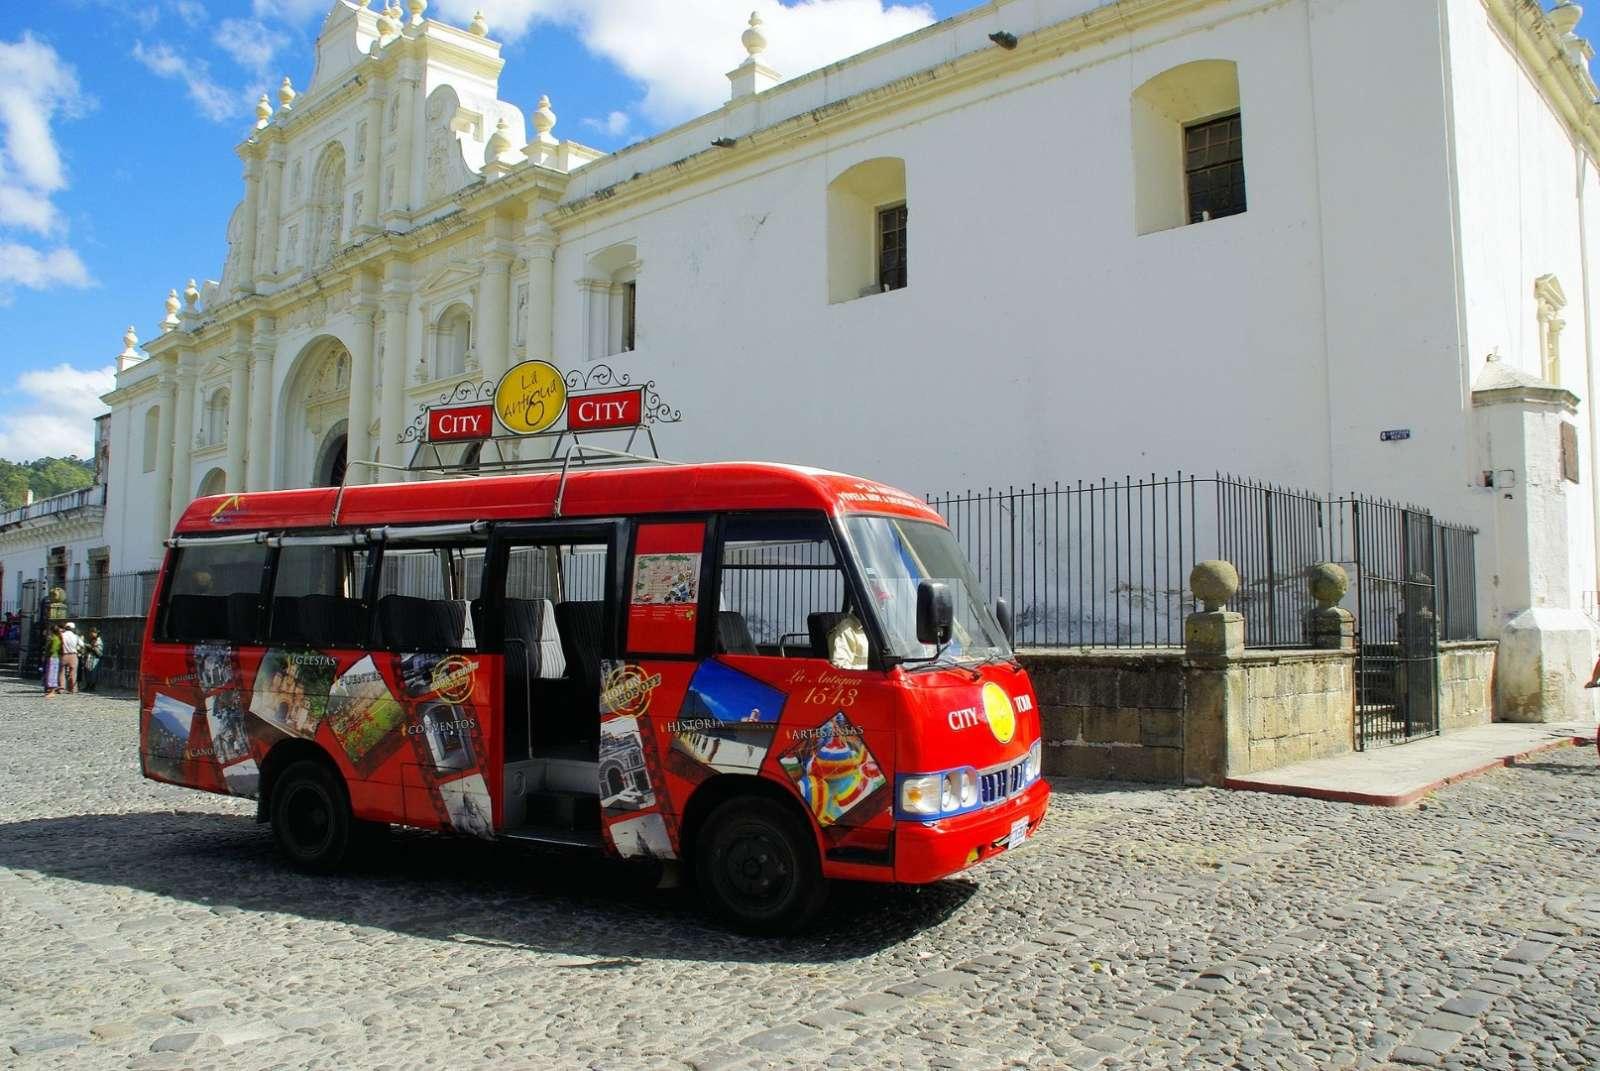 Tour bus in Antigua, Guatemala